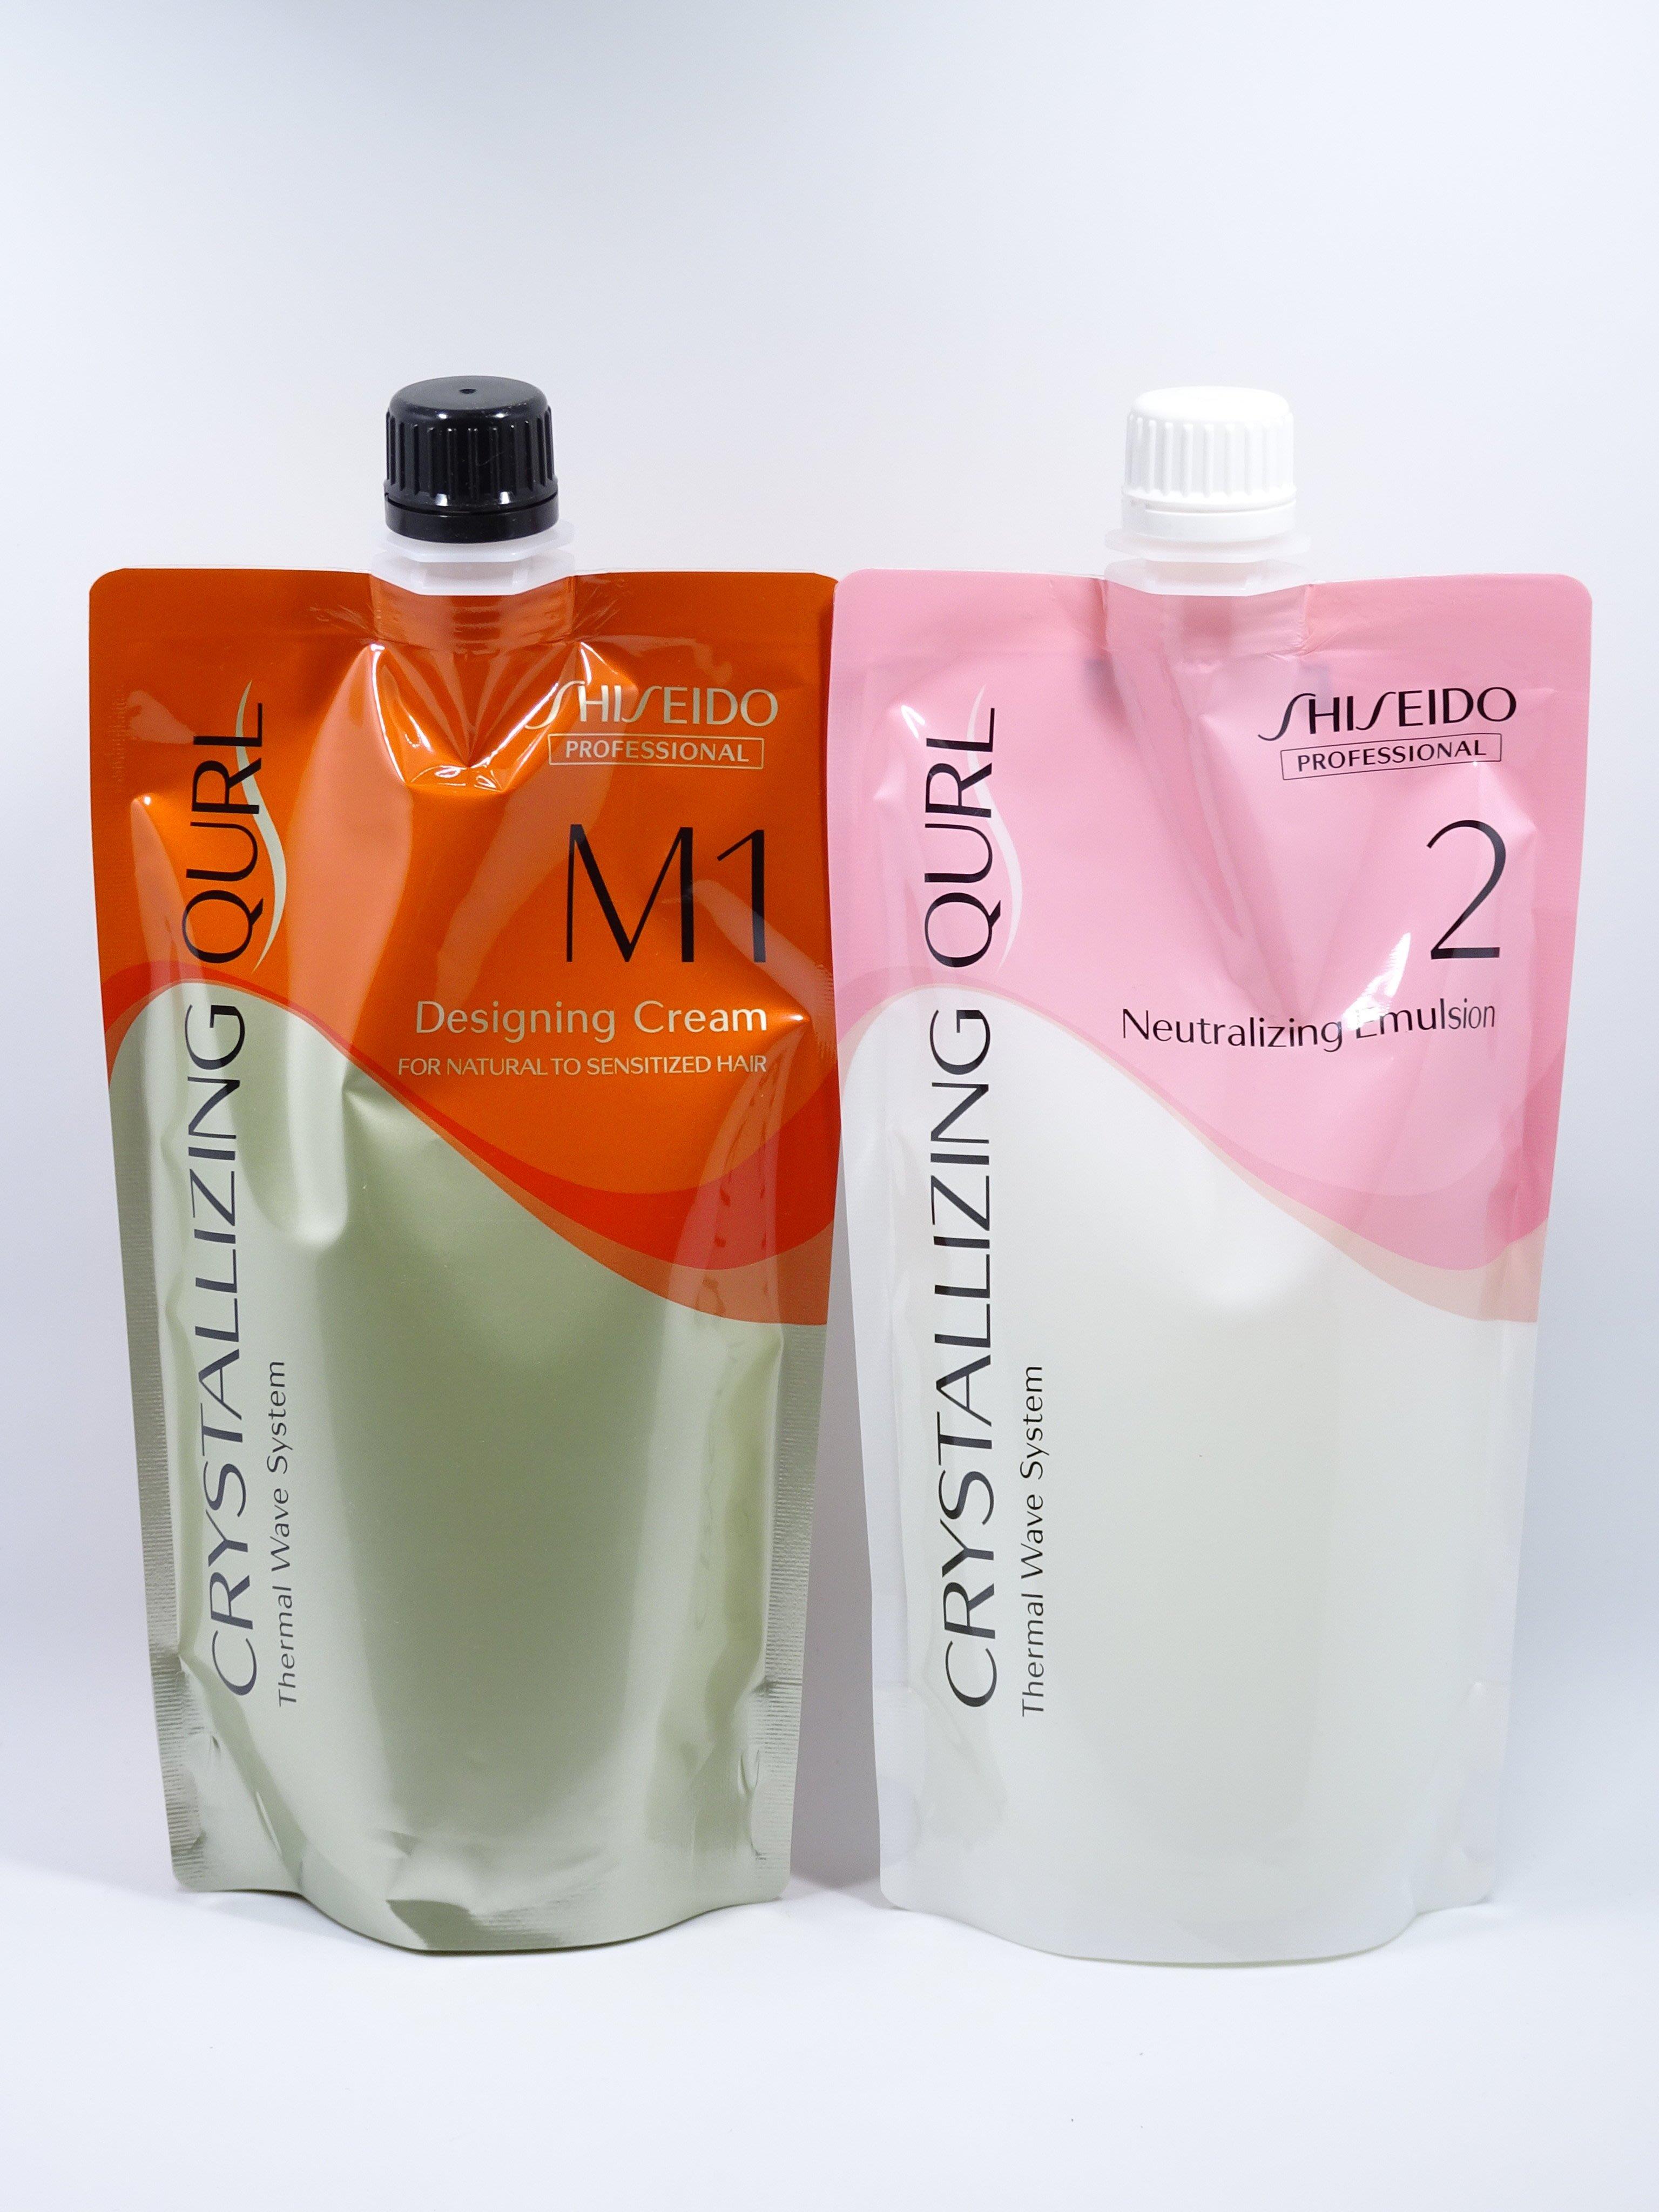 (華明)資生堂 2016新水質感Q 最新熱塑燙藥水(捲髮專用) M 受損髮1+2劑 頂級藥水公司貨(2劑乳狀)